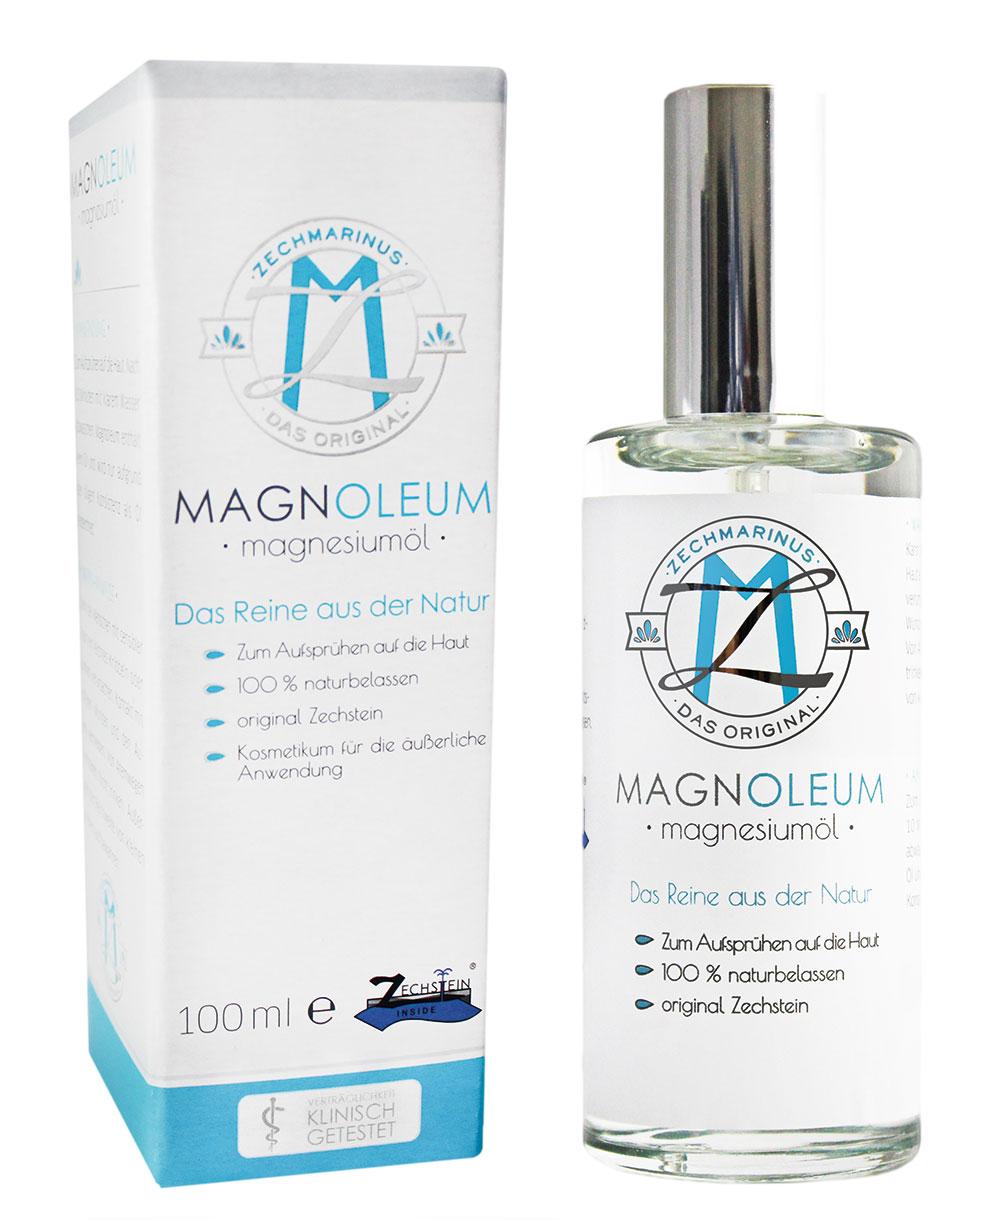 Magnoleum_100ml_kleine_Flasche_und_Karton